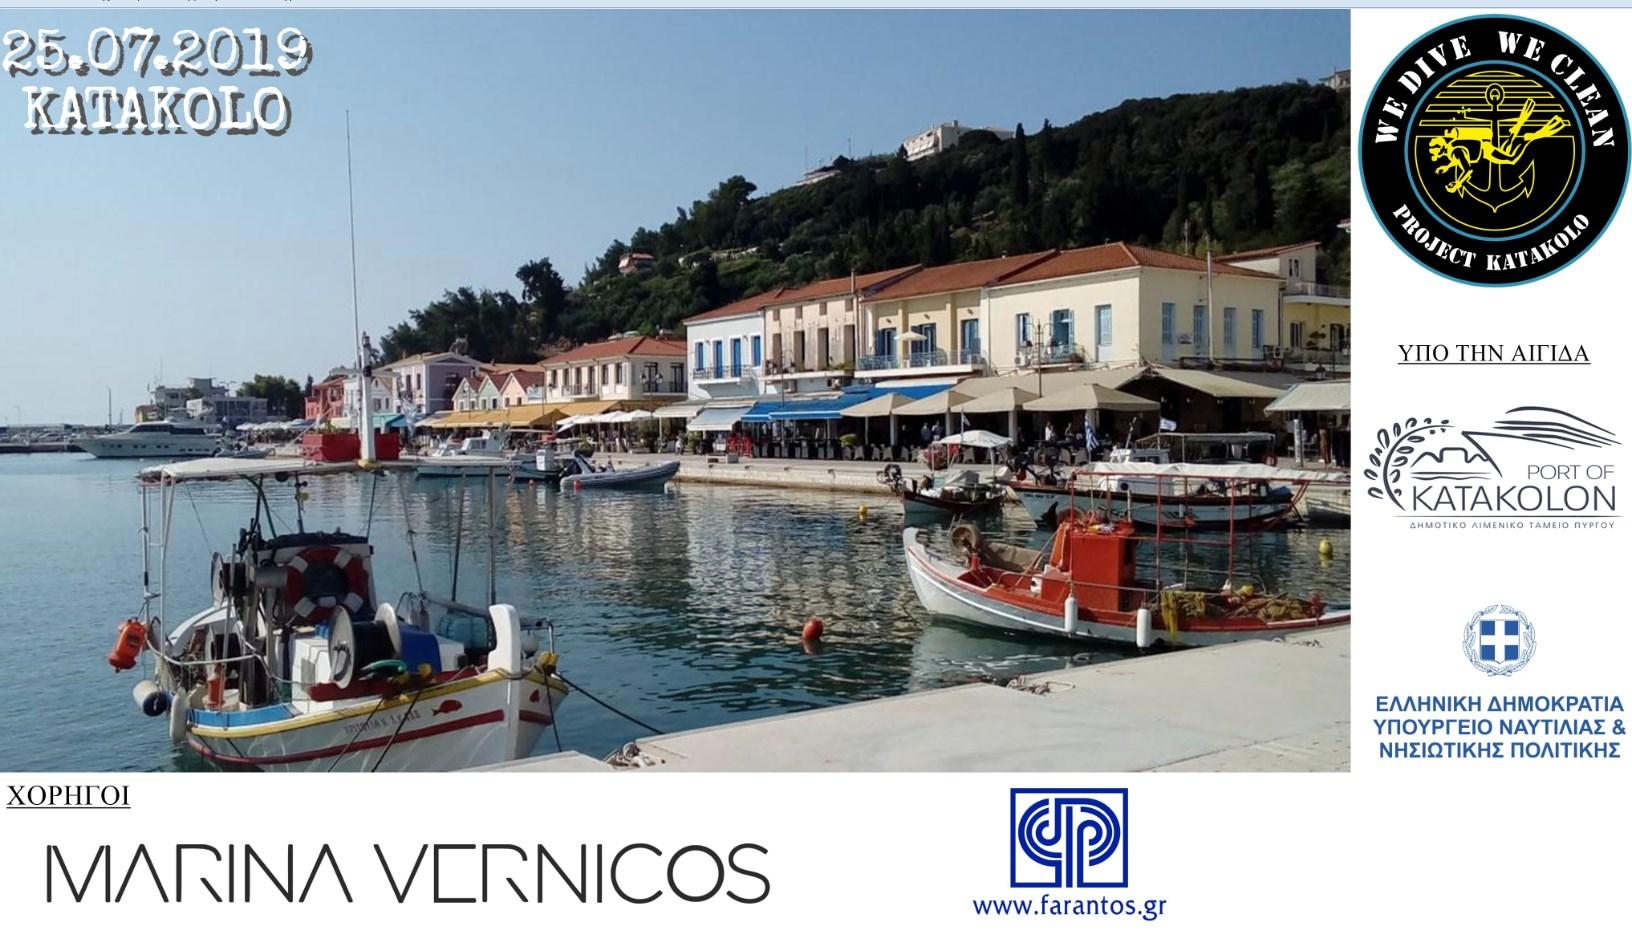 """Κατάκολο: Οι εθελοντές Δύτες """"We Dive We Clean"""" στις 24&25/07 θα καθαρίσουν τον βυθό στο παλιό λιμάνι"""